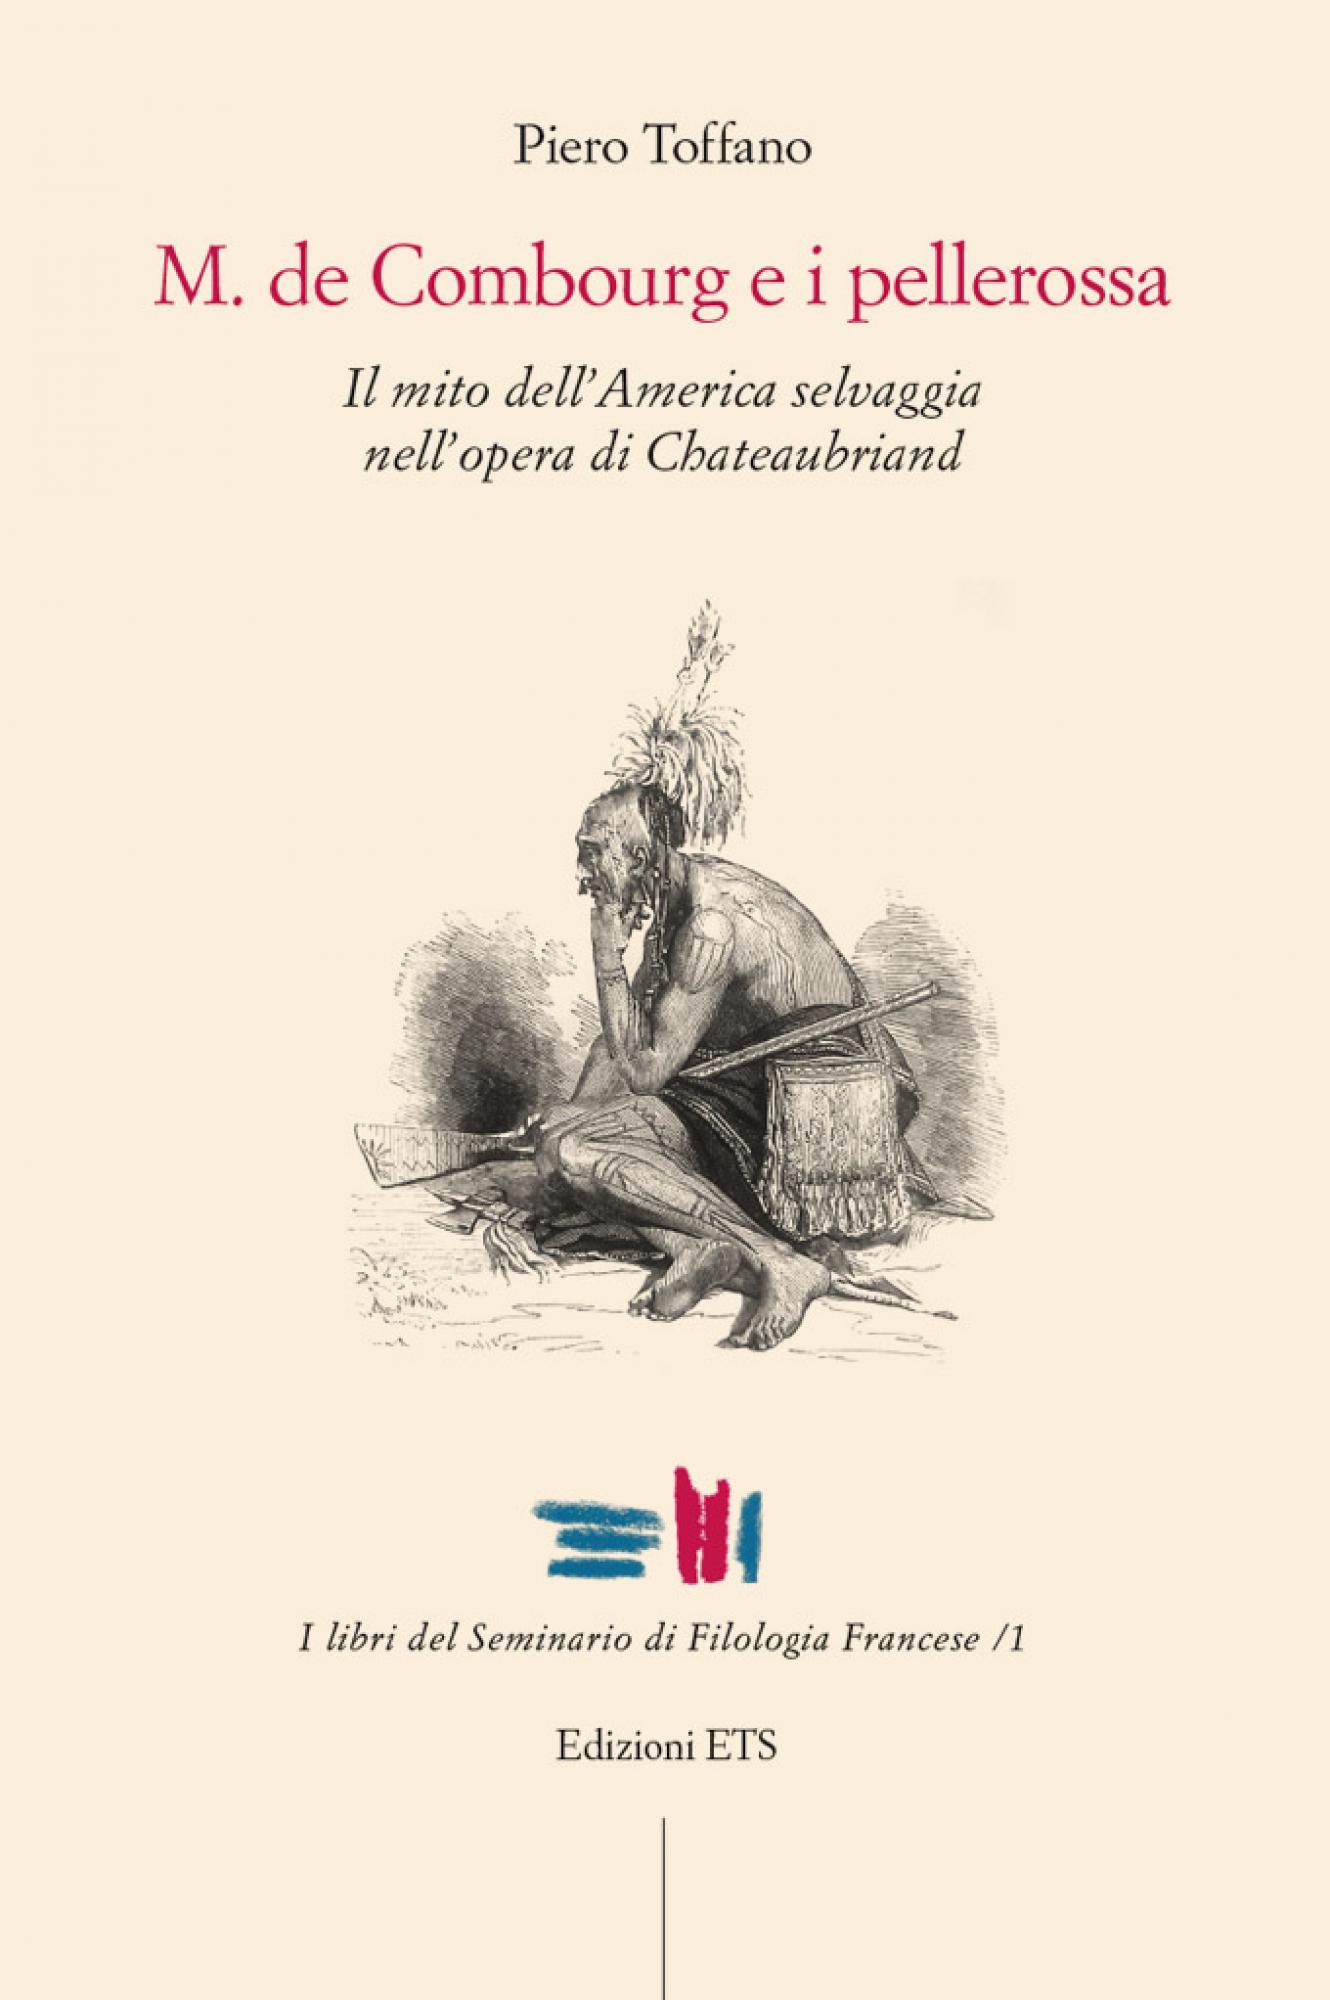 M. de Combourg e i pellerossa.Il mito dell'America selvaggia nell'opera di Chateaubriand